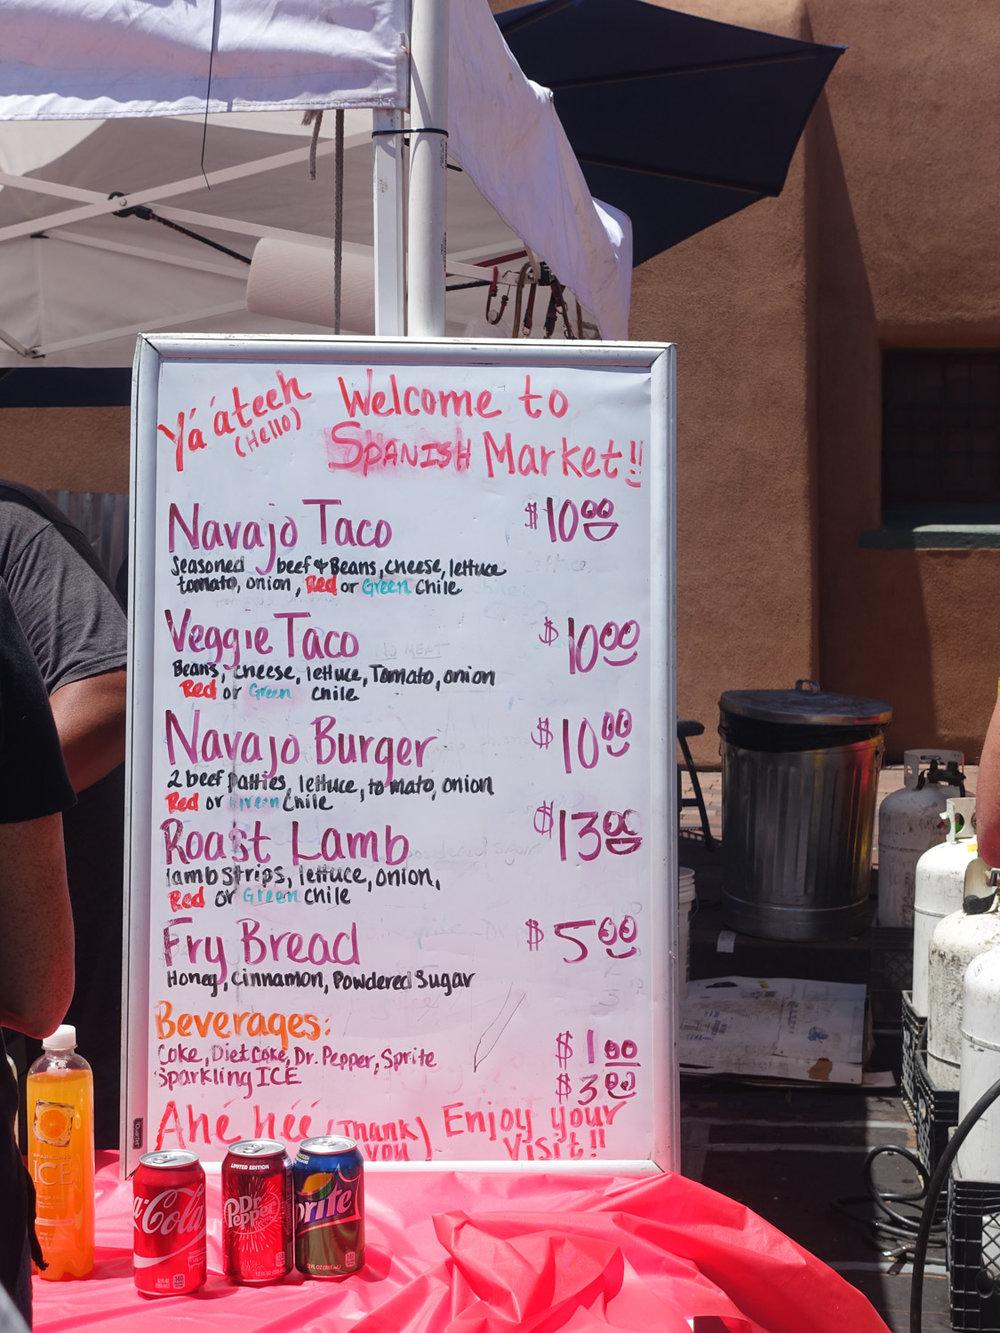 Platero Fry Bread & Navajo Tacos